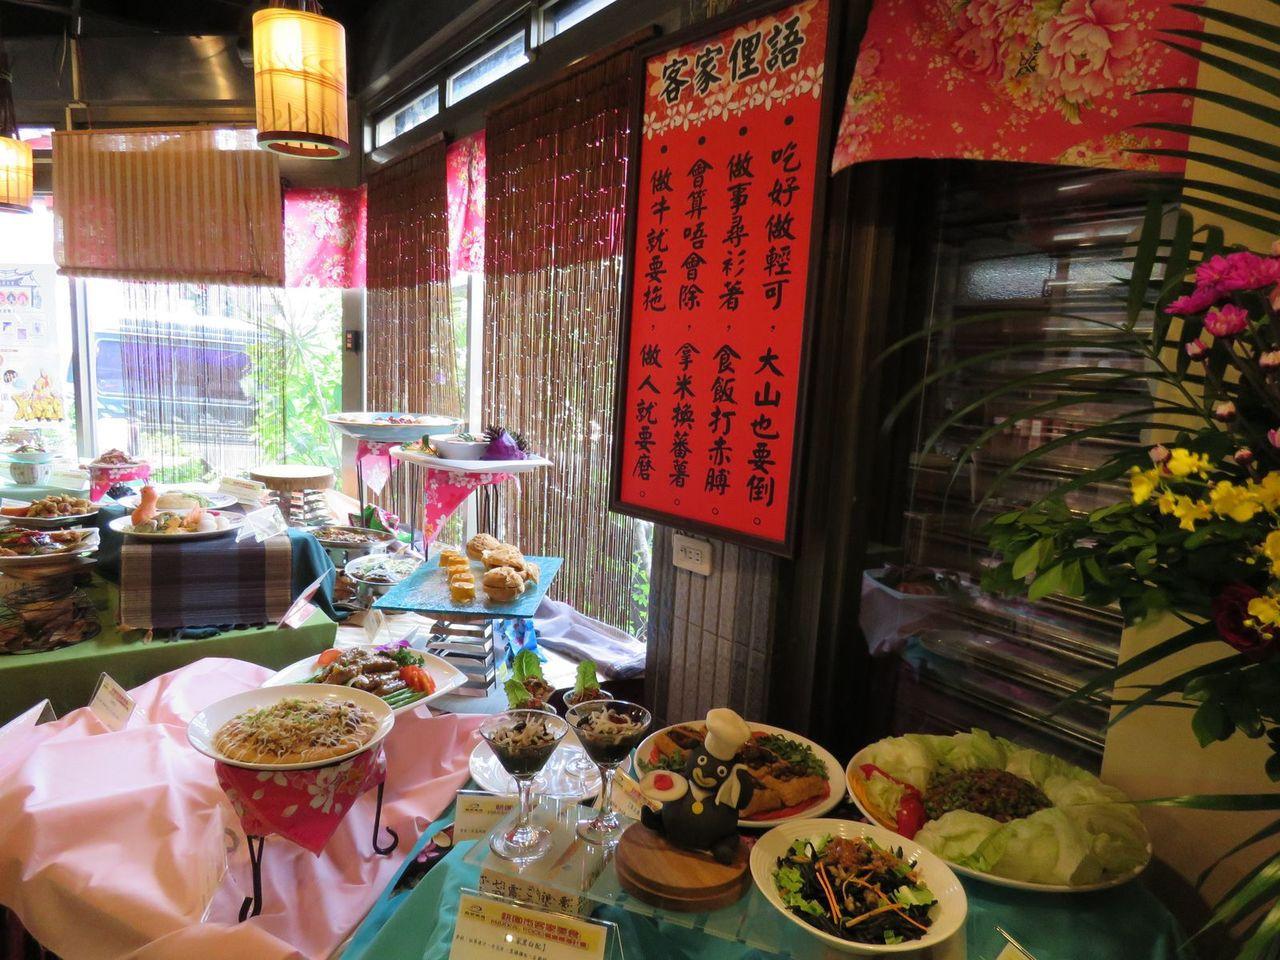 桃園市客家事務局,舉行客家美食HAKKA FOOD餐廳輔導計畫成果展,推出28道...